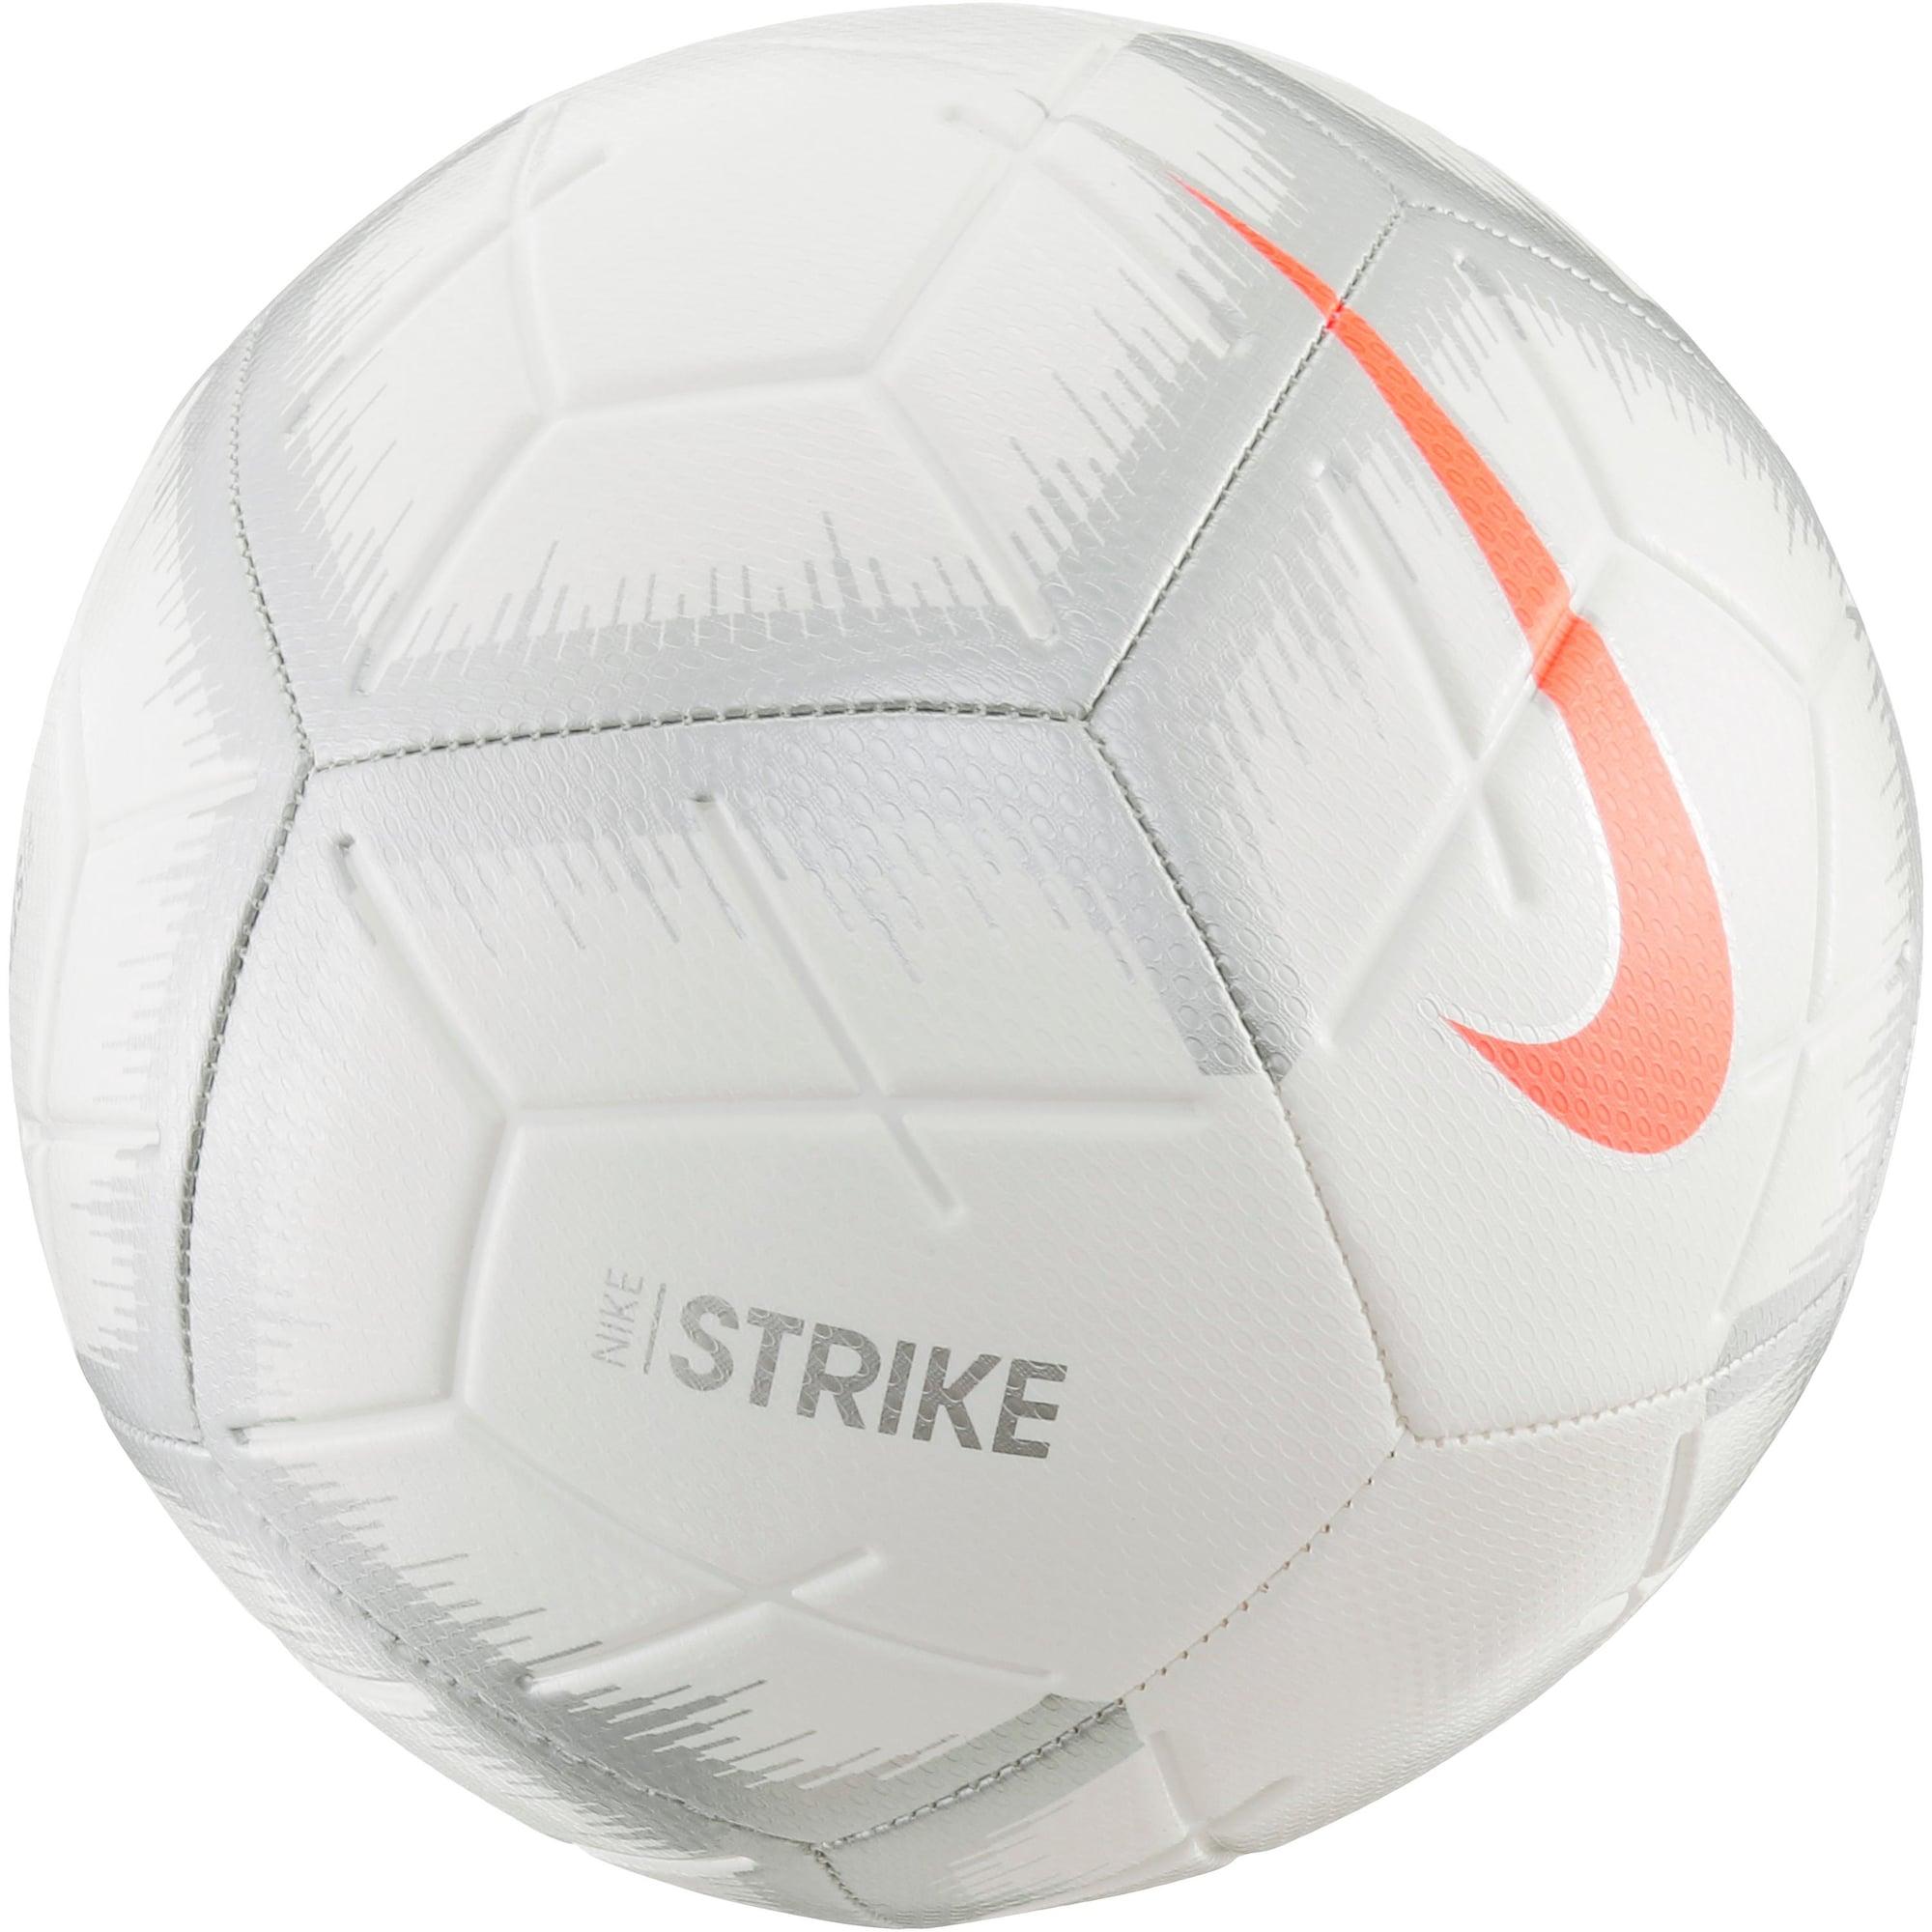 ´STRK-EVENT PACK´ Fußball